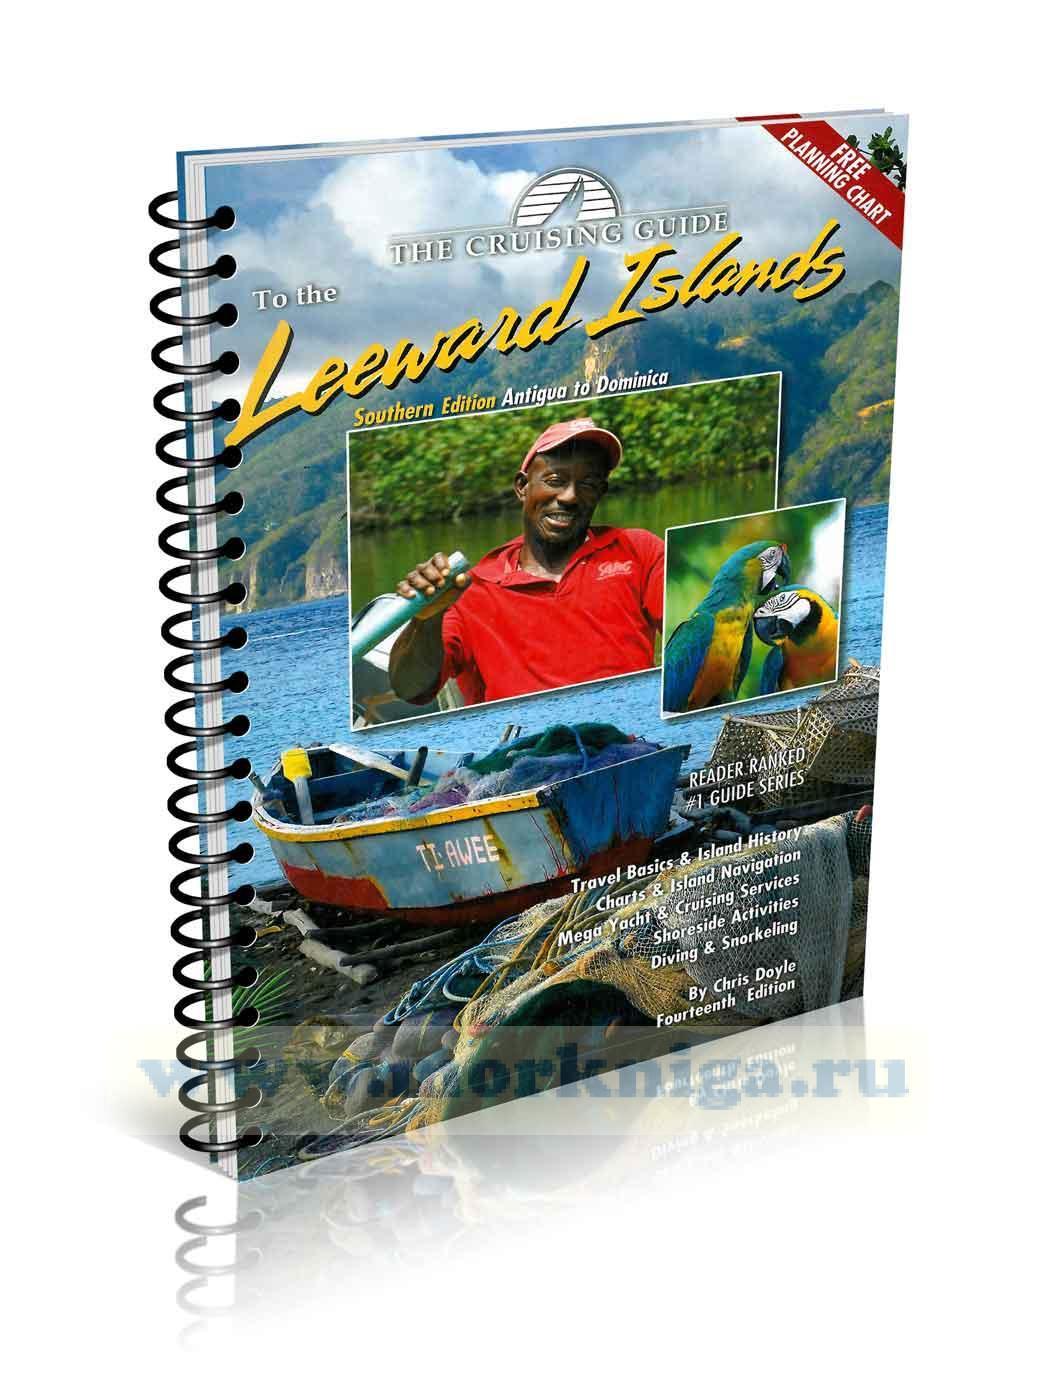 Cruising Guide to Southern Leeward Islands южная группа Малых Антильских о-вов  2016/2017